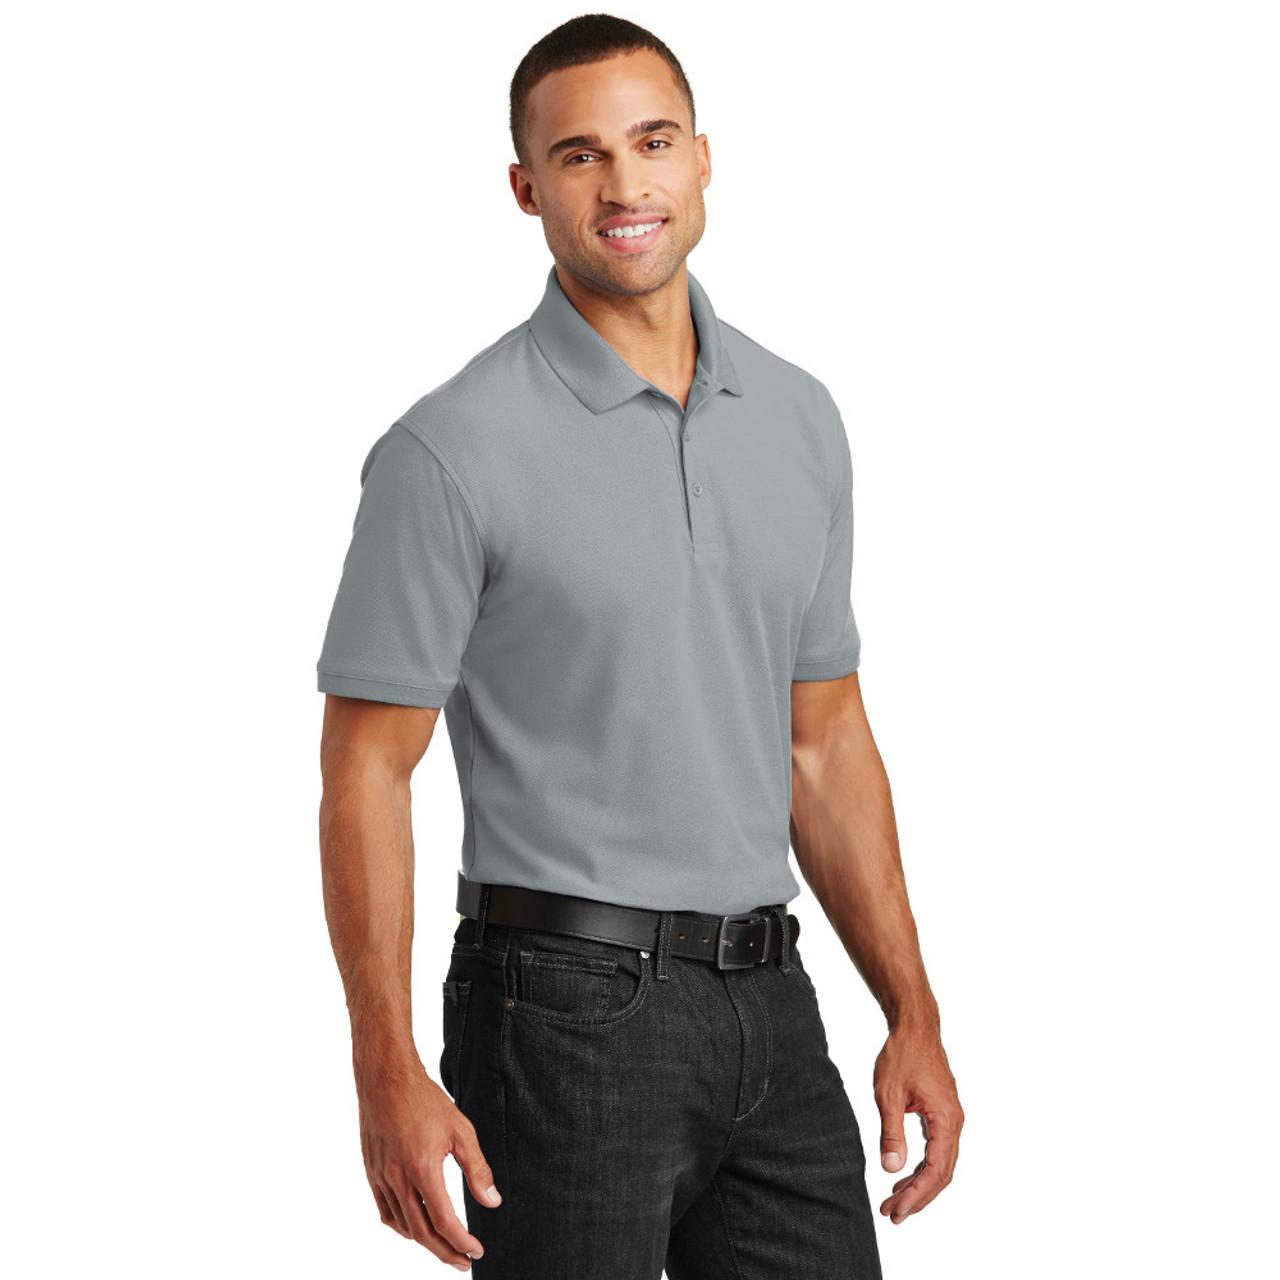 Medium FWS Gray Men's Polo Shirt 30% OFF